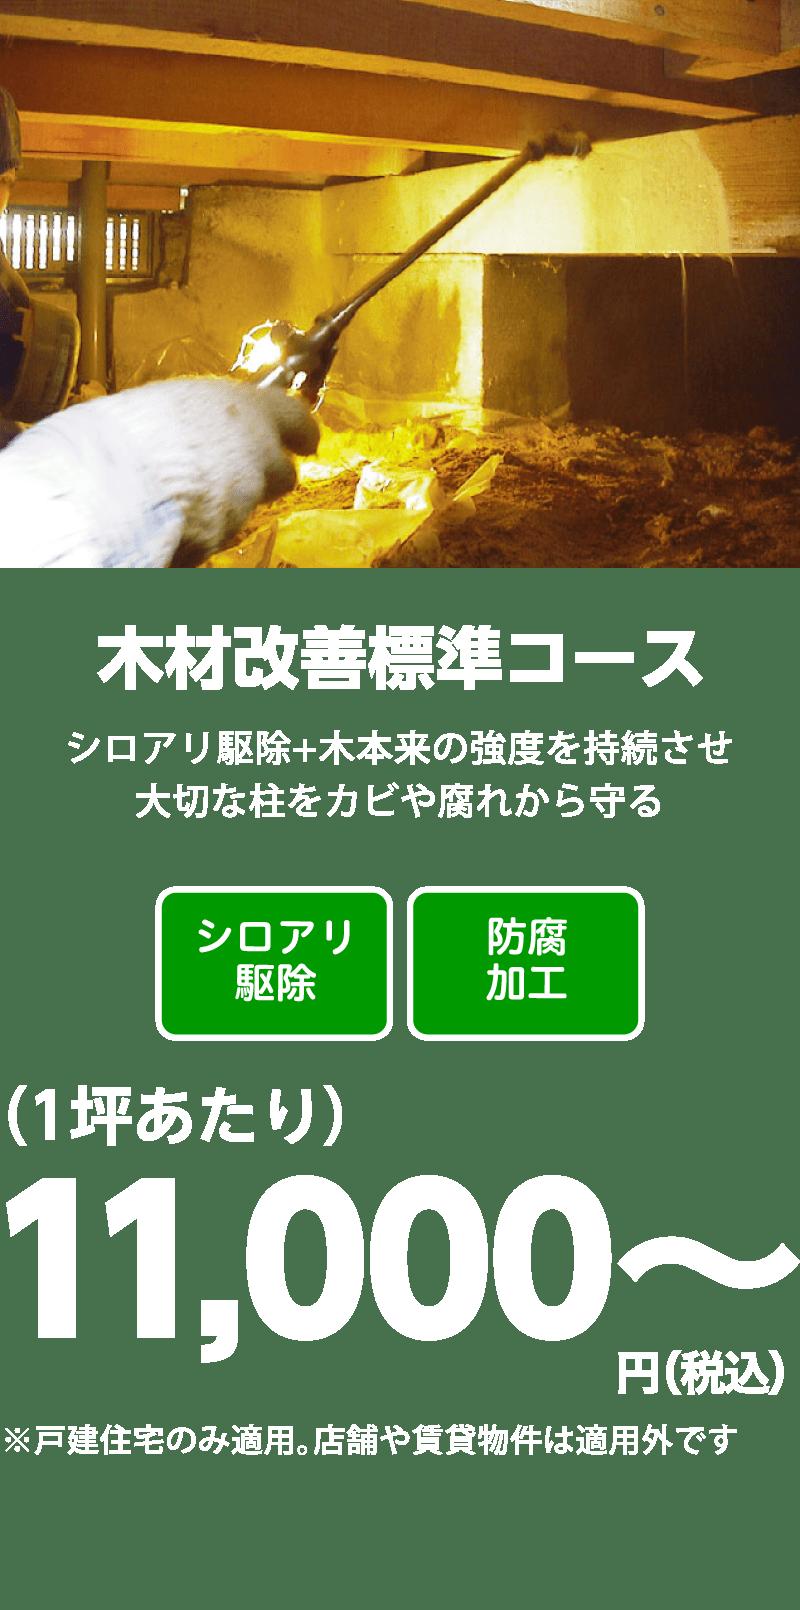 木材改善標準コース 11,000円(税込)〜